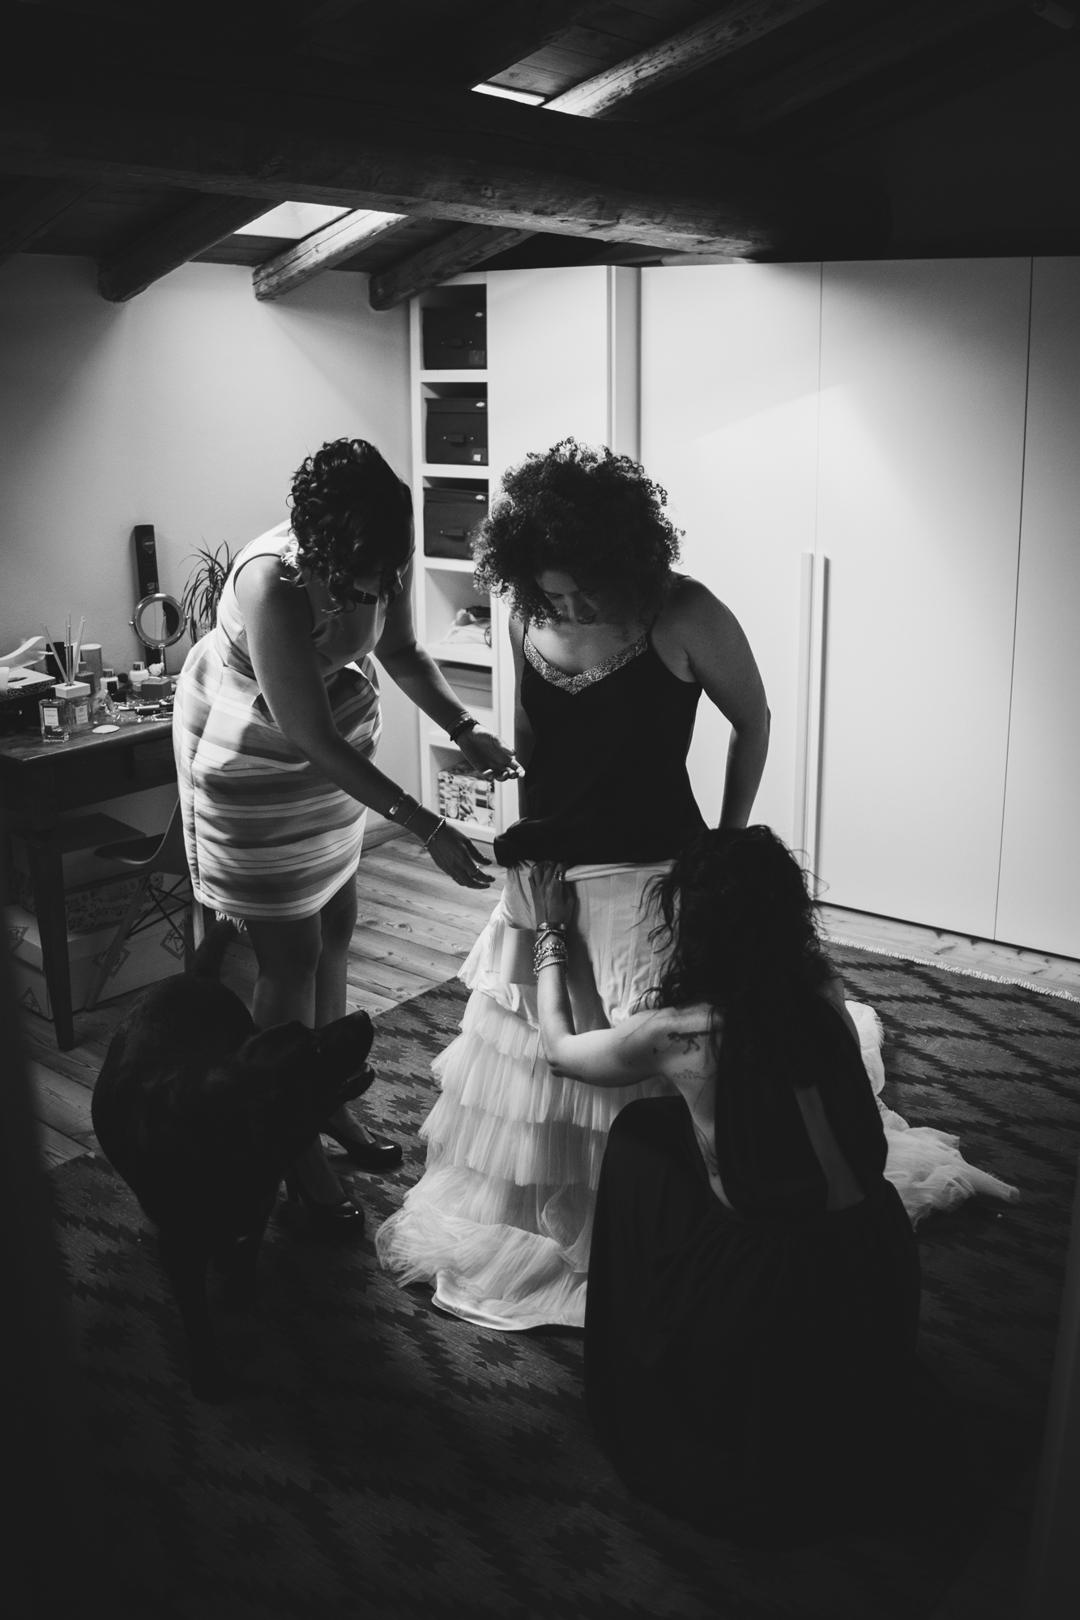 Fotografo matrimonio Brescia Francesca e Alberto reportage di matrimonio wedding reportage13